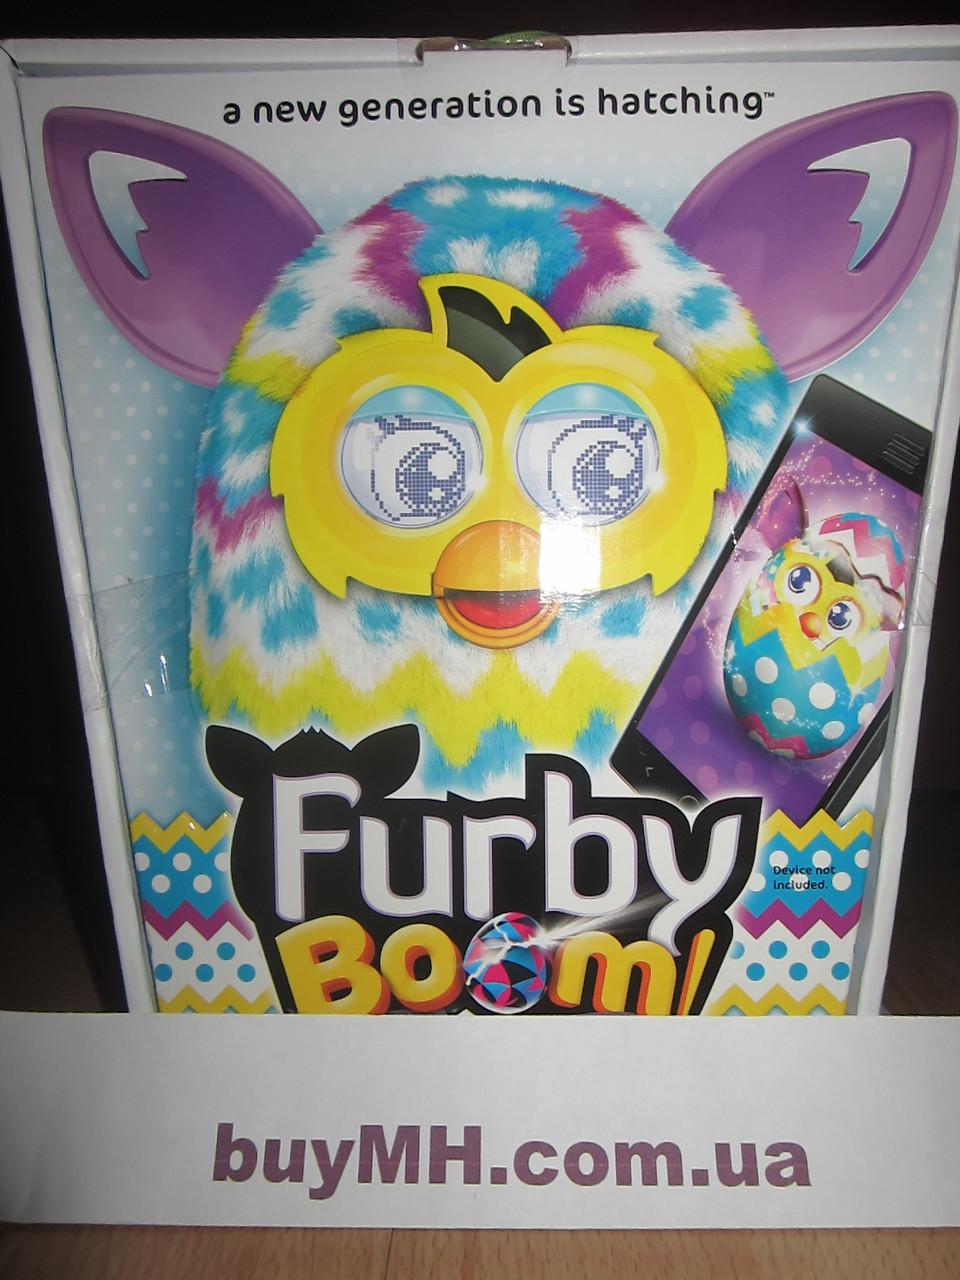 Ферби Бум пасхальный русский язык (Furby Boom Plush Toy Pastel), фото 1